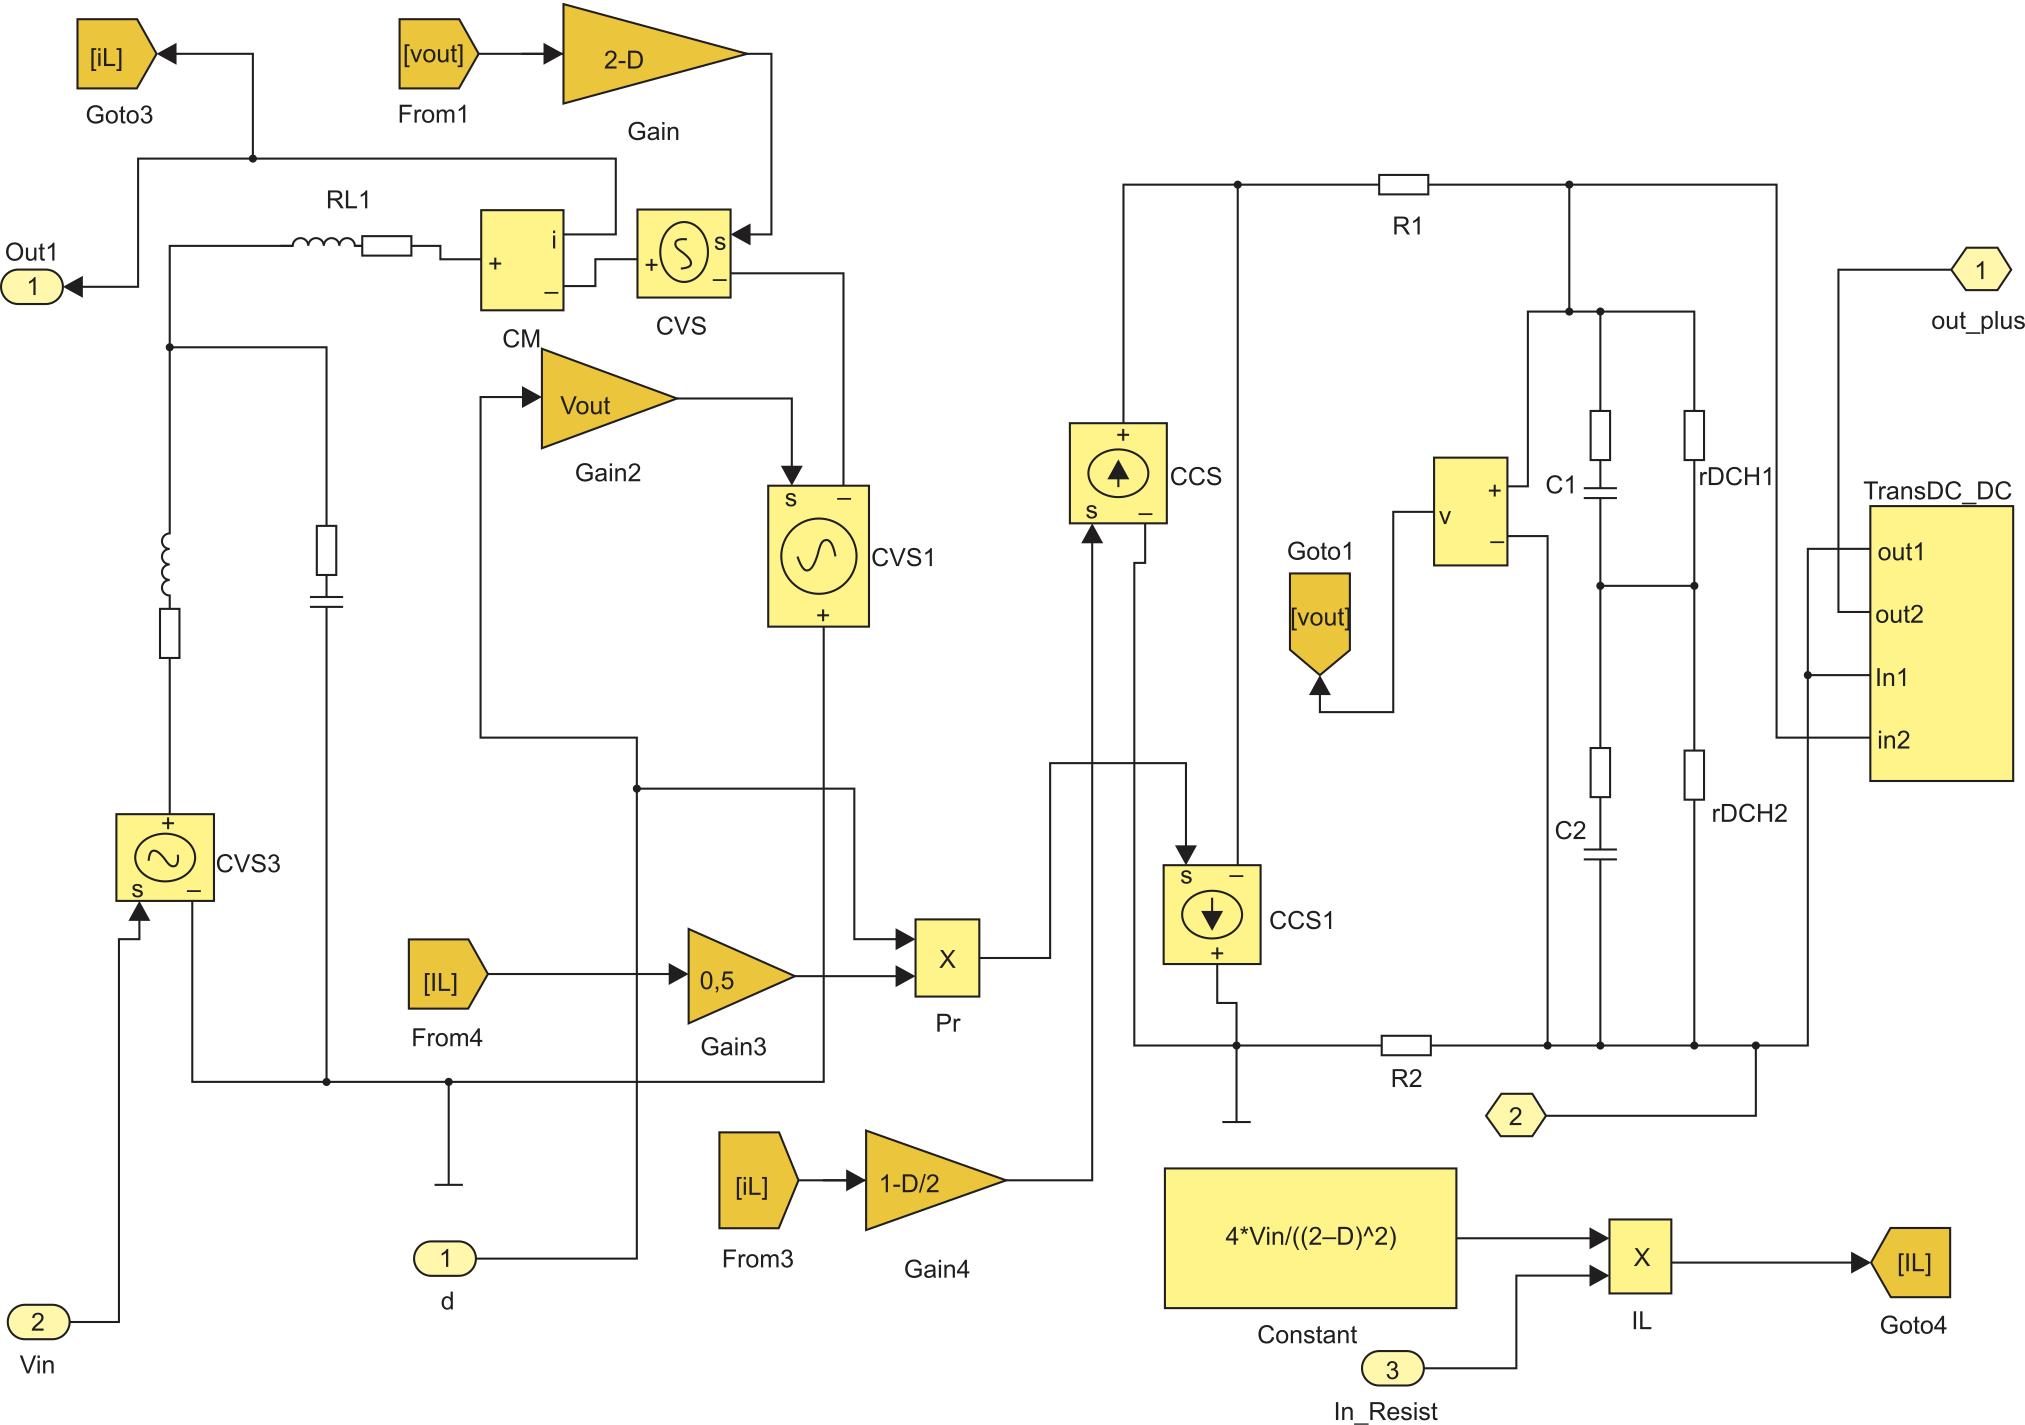 Модель ТПП в режиме 1 в MATLAB